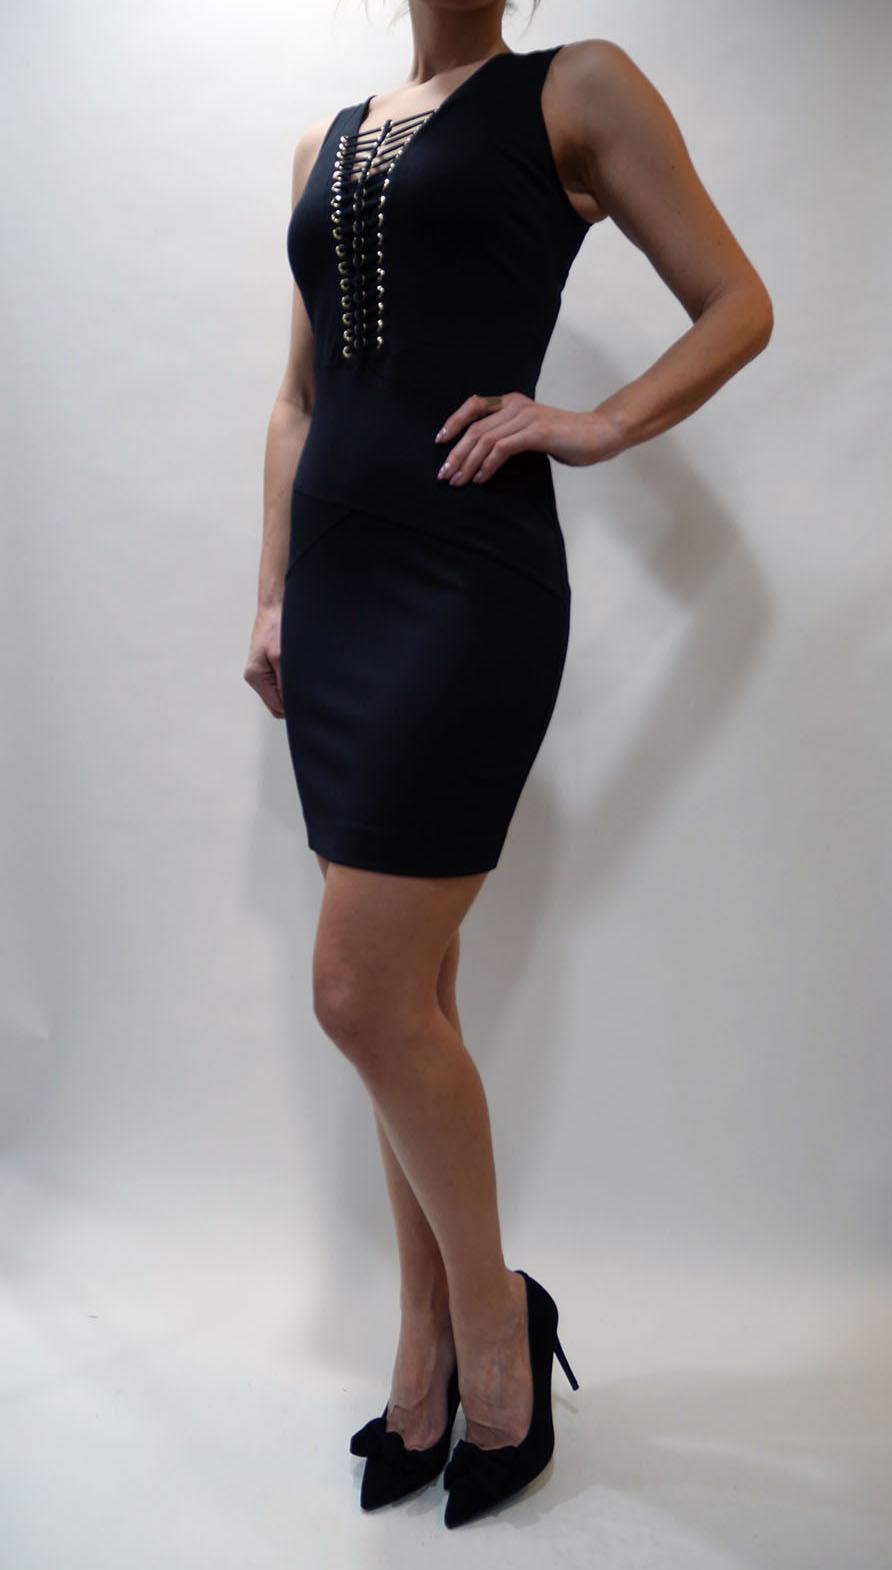 W91K56K86U0 ANNALISA DRESS 3